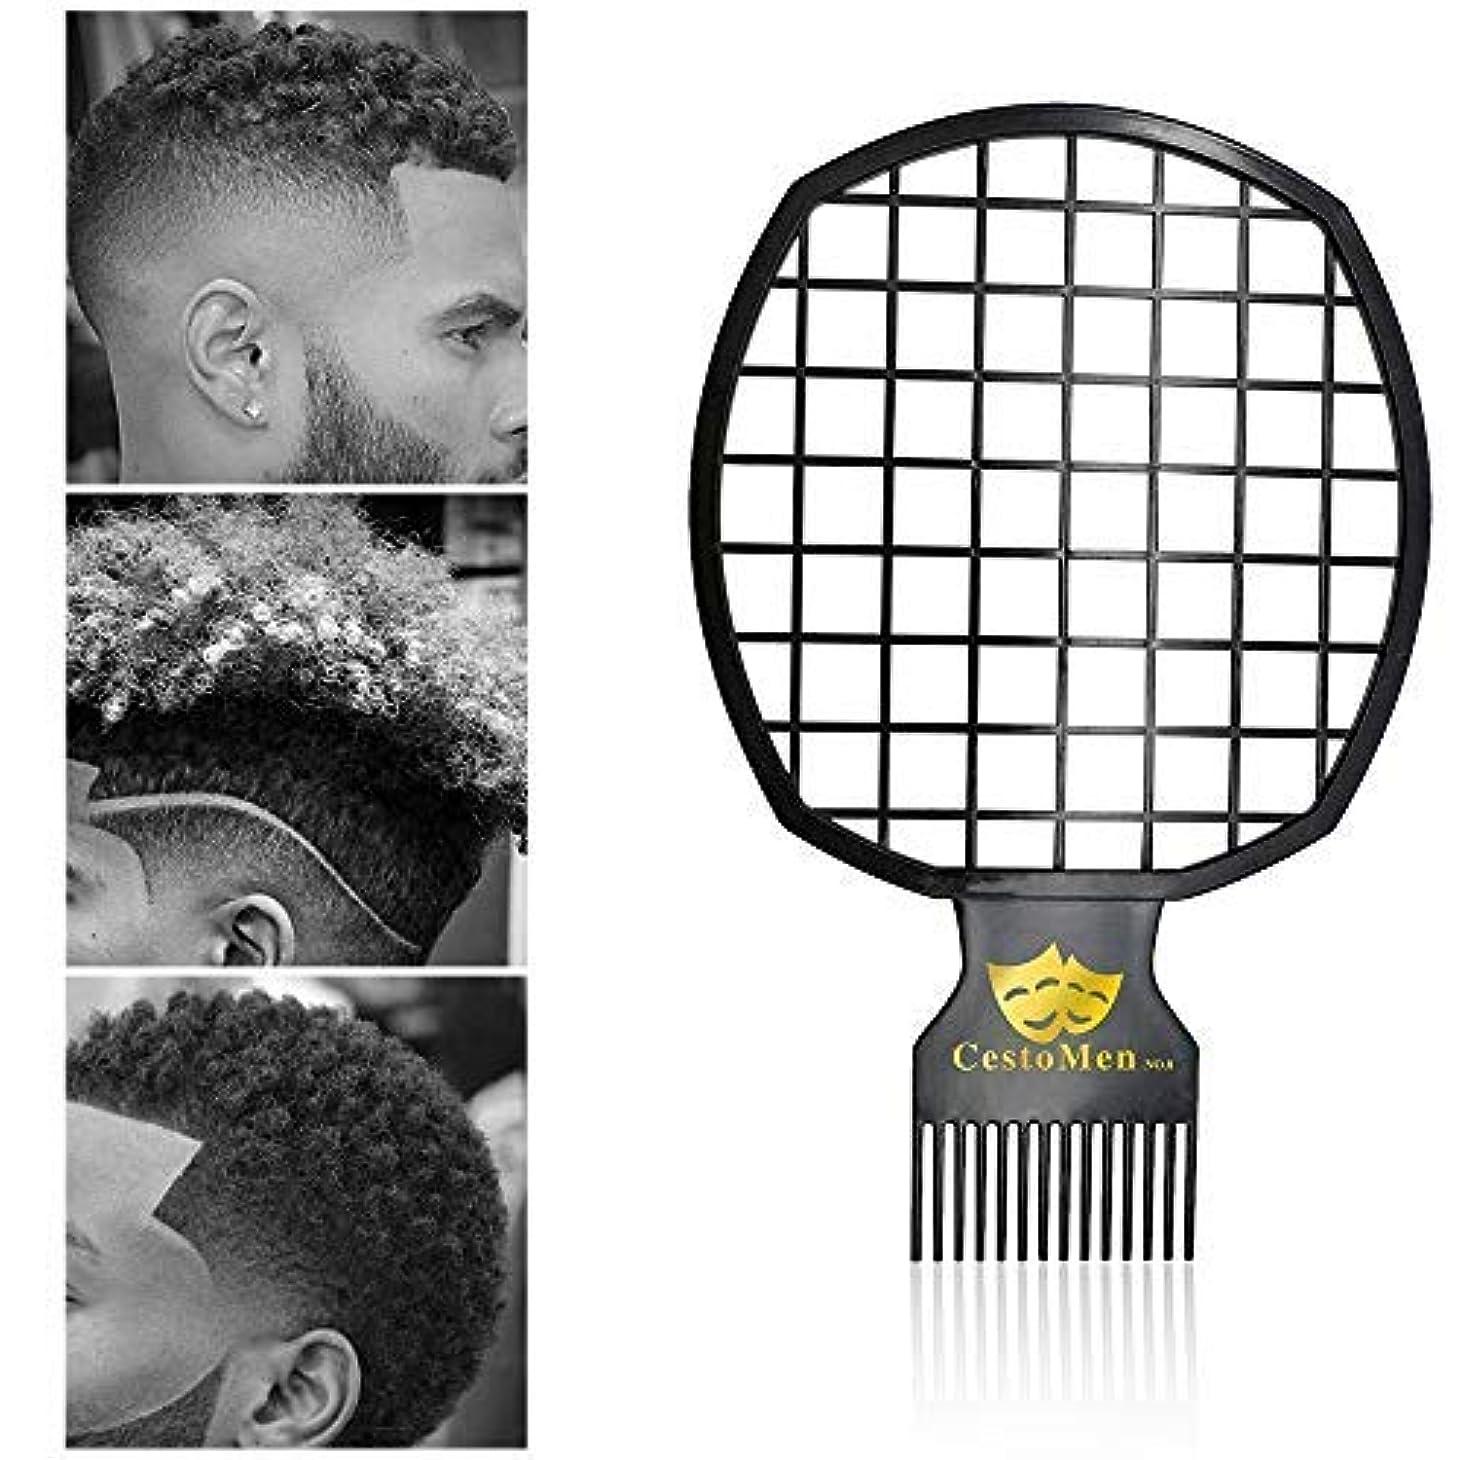 縫い目大市民権Afro Twist Comb Portable Two-In-One Hair Comb for Natural Twists Curls Coils Dreads Hair Styling Tool for Black African [並行輸入品]